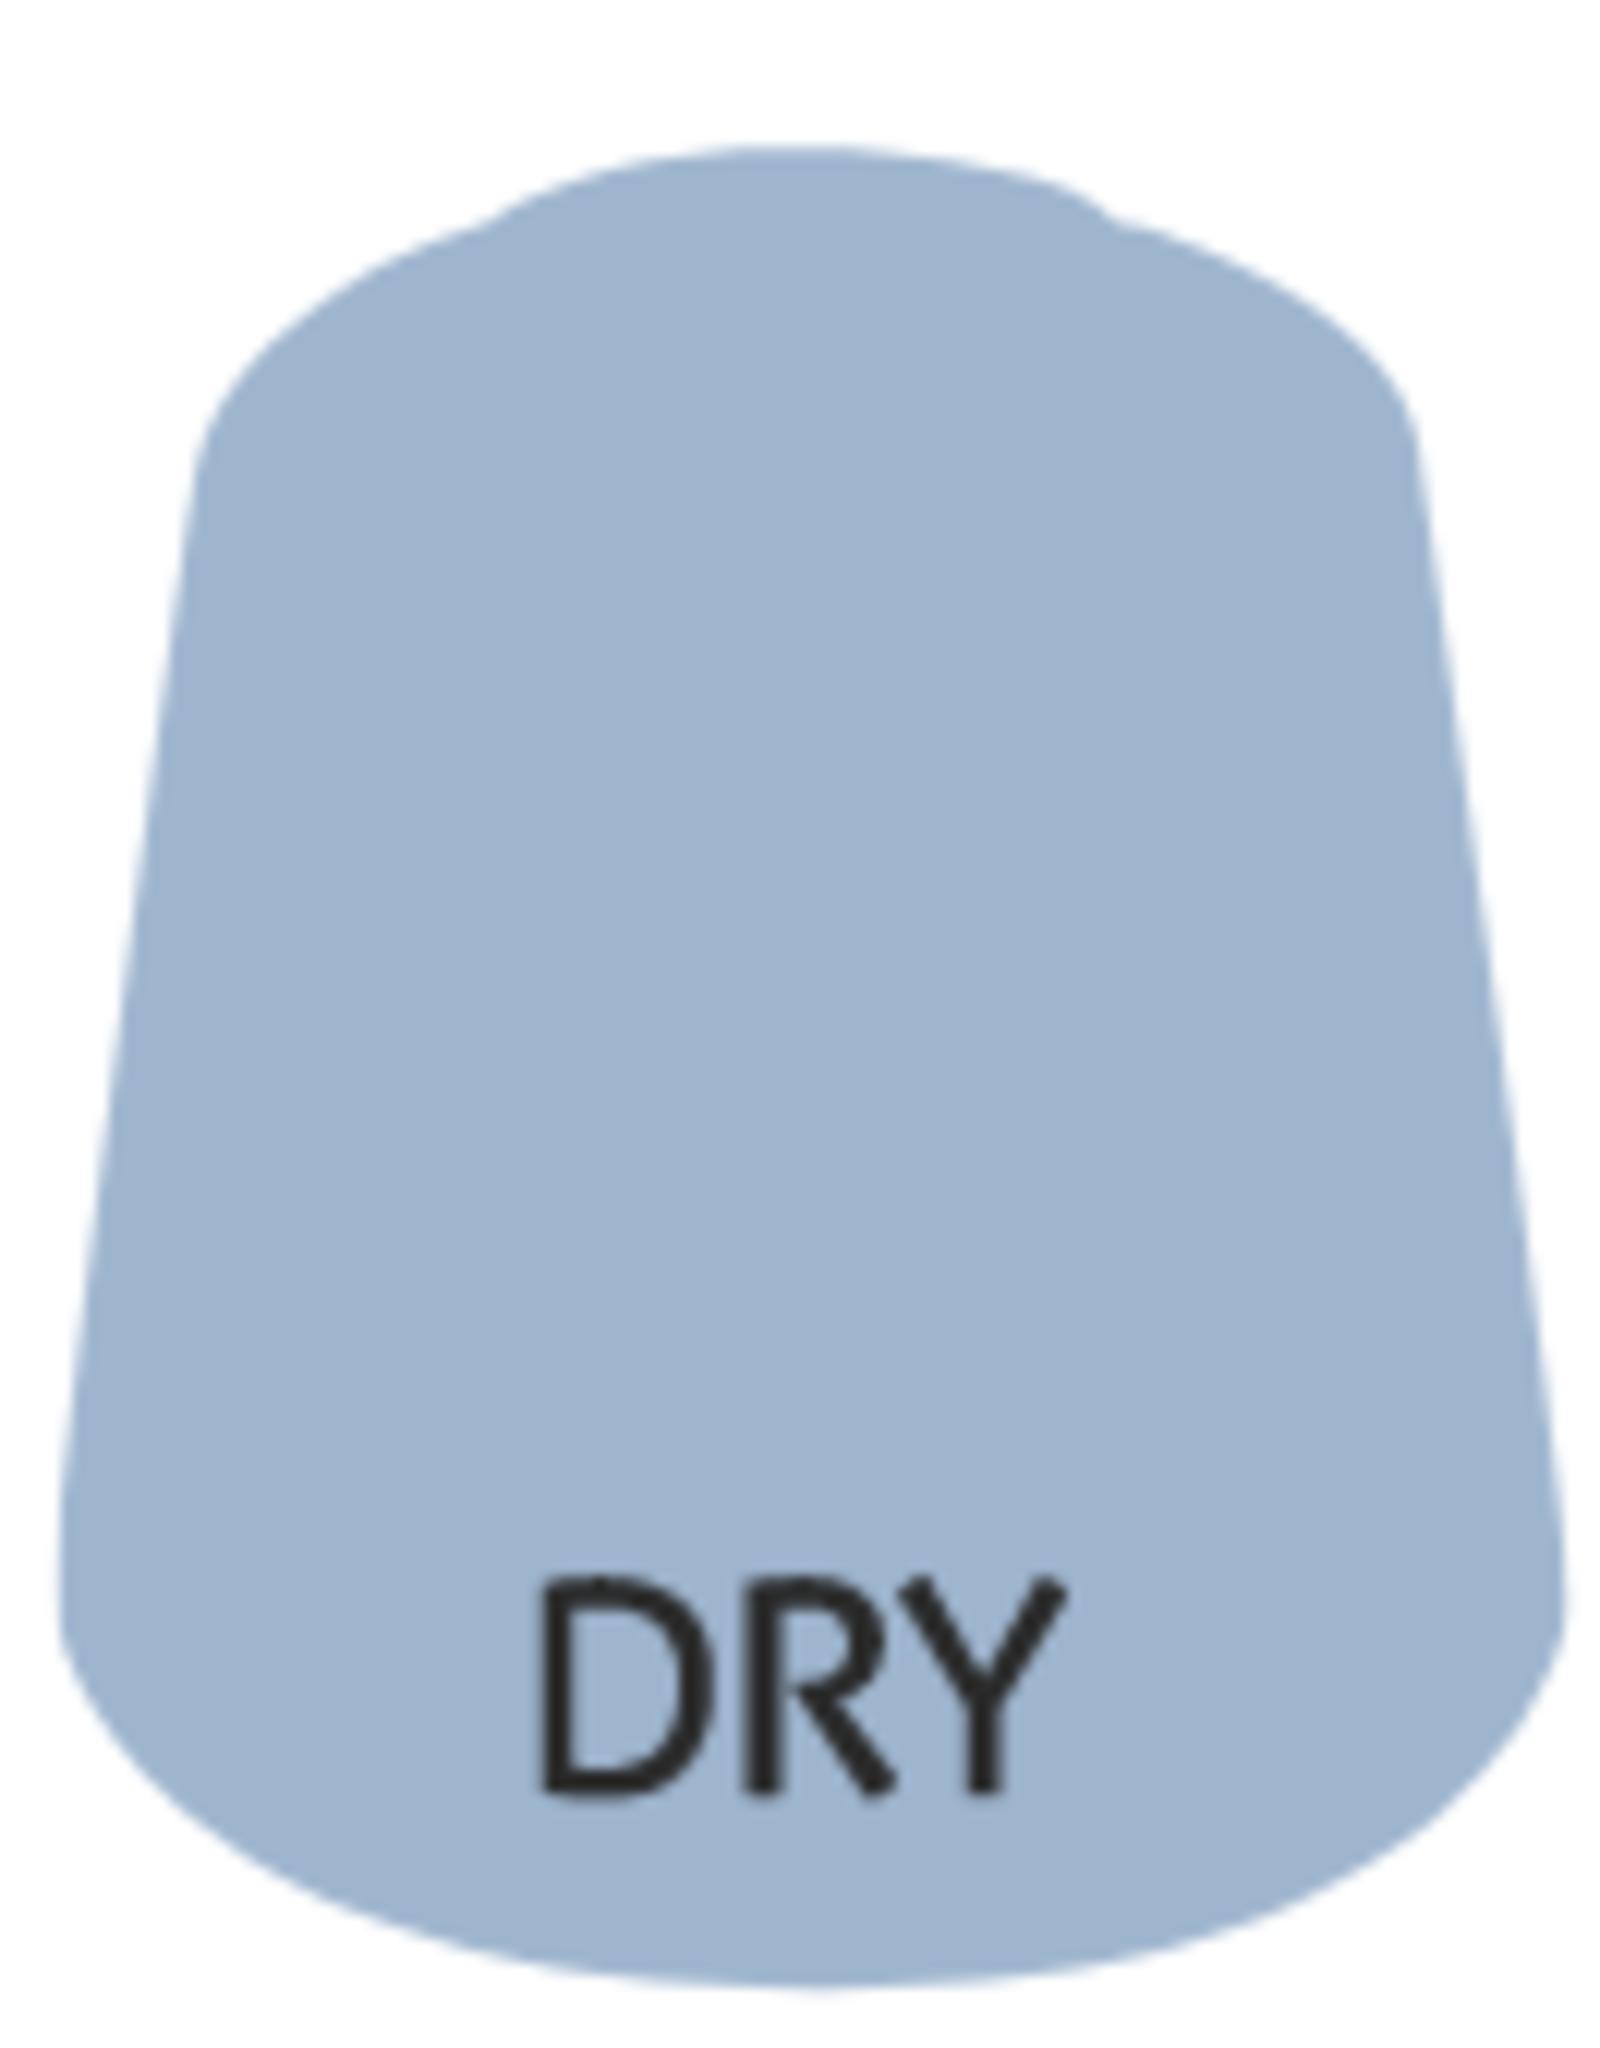 Games Workshop Dry: Etherium Blue (12ml) Paint